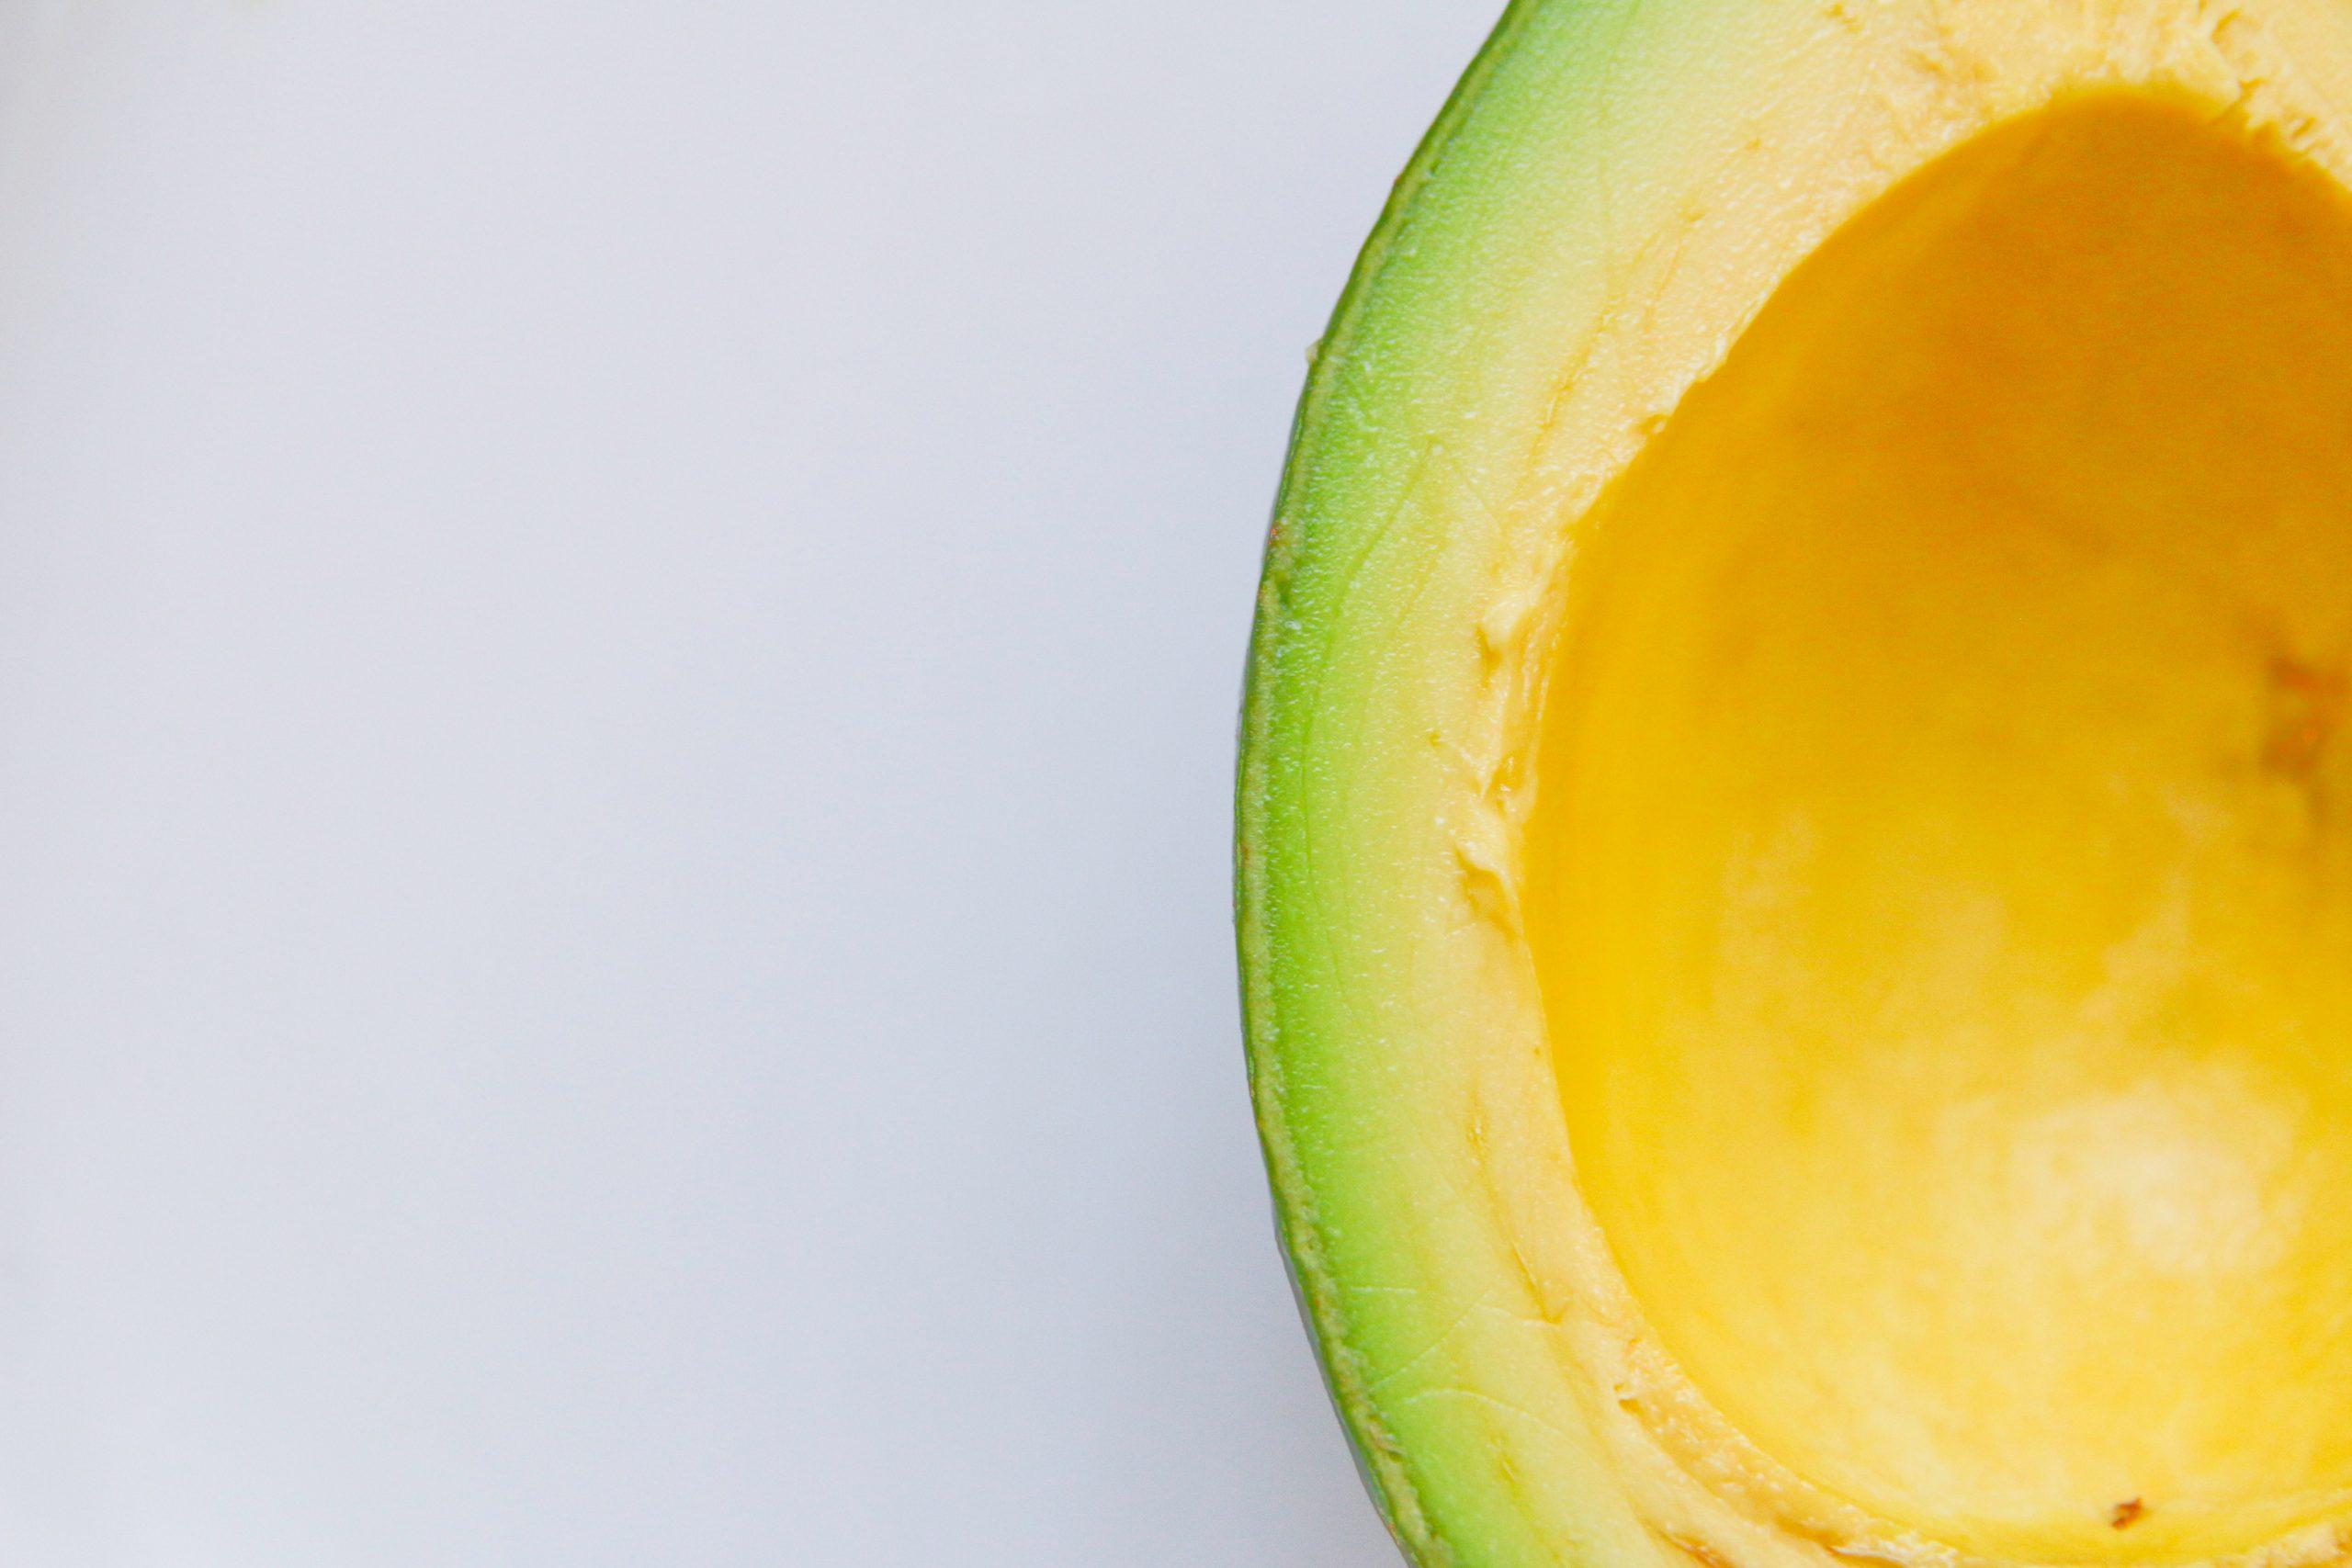 Avocado: eerlijk is heerlijk